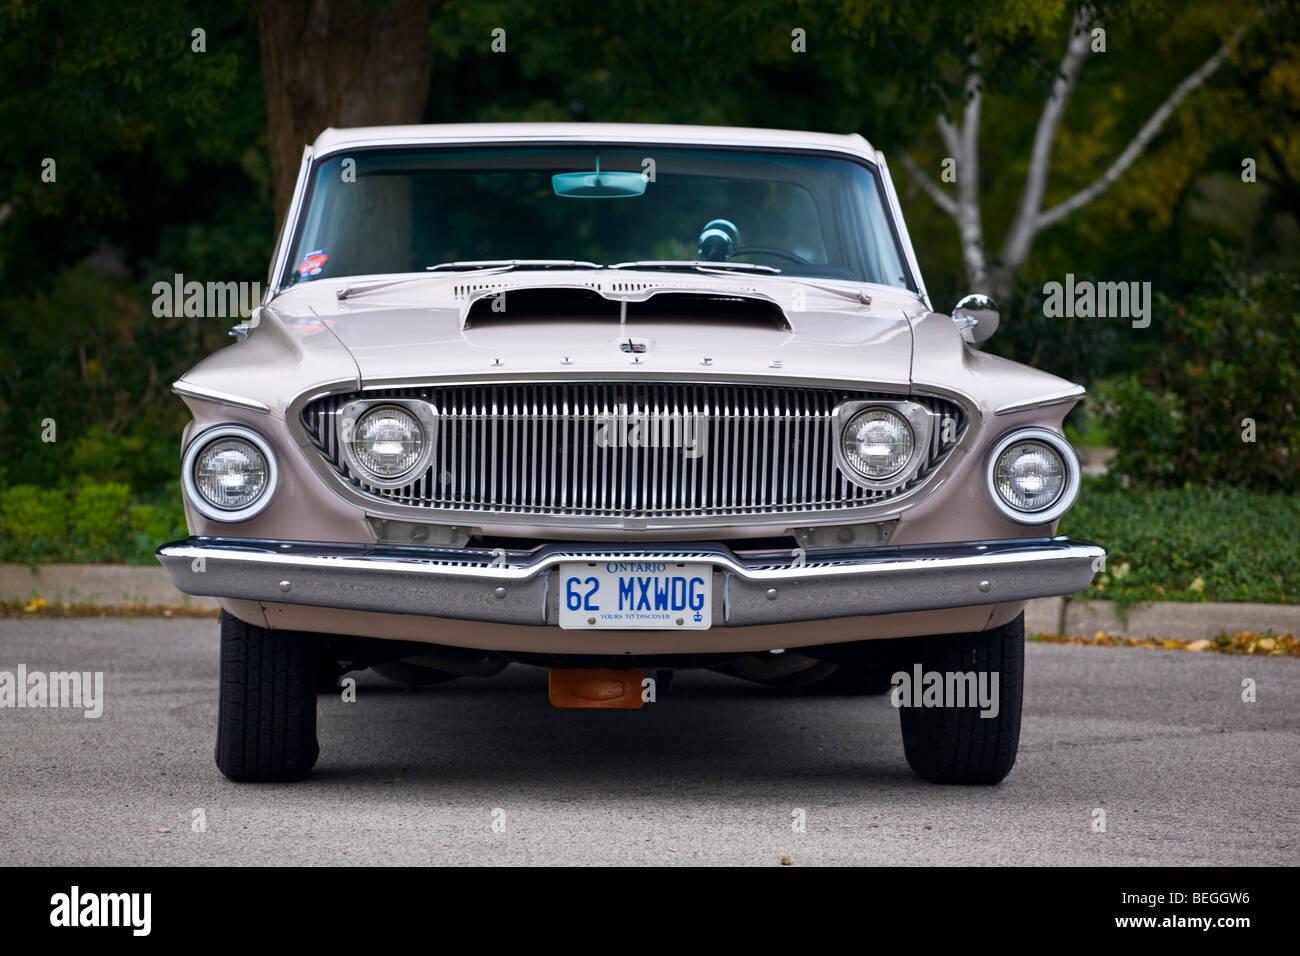 1962 Dodge Dart Automobile Fotos E Imagenes De Stock Alamy